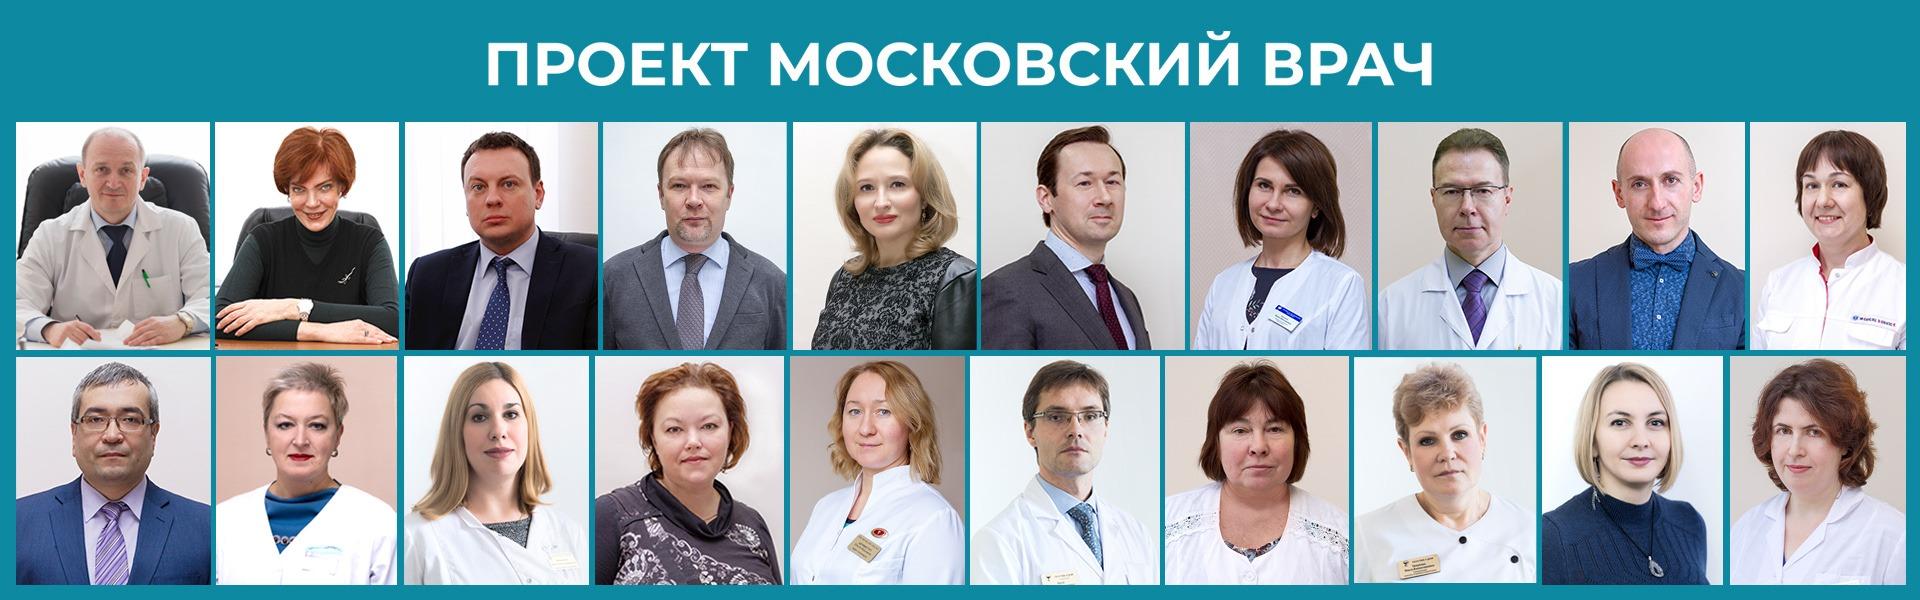 Наша Жизнь - Московский Врач